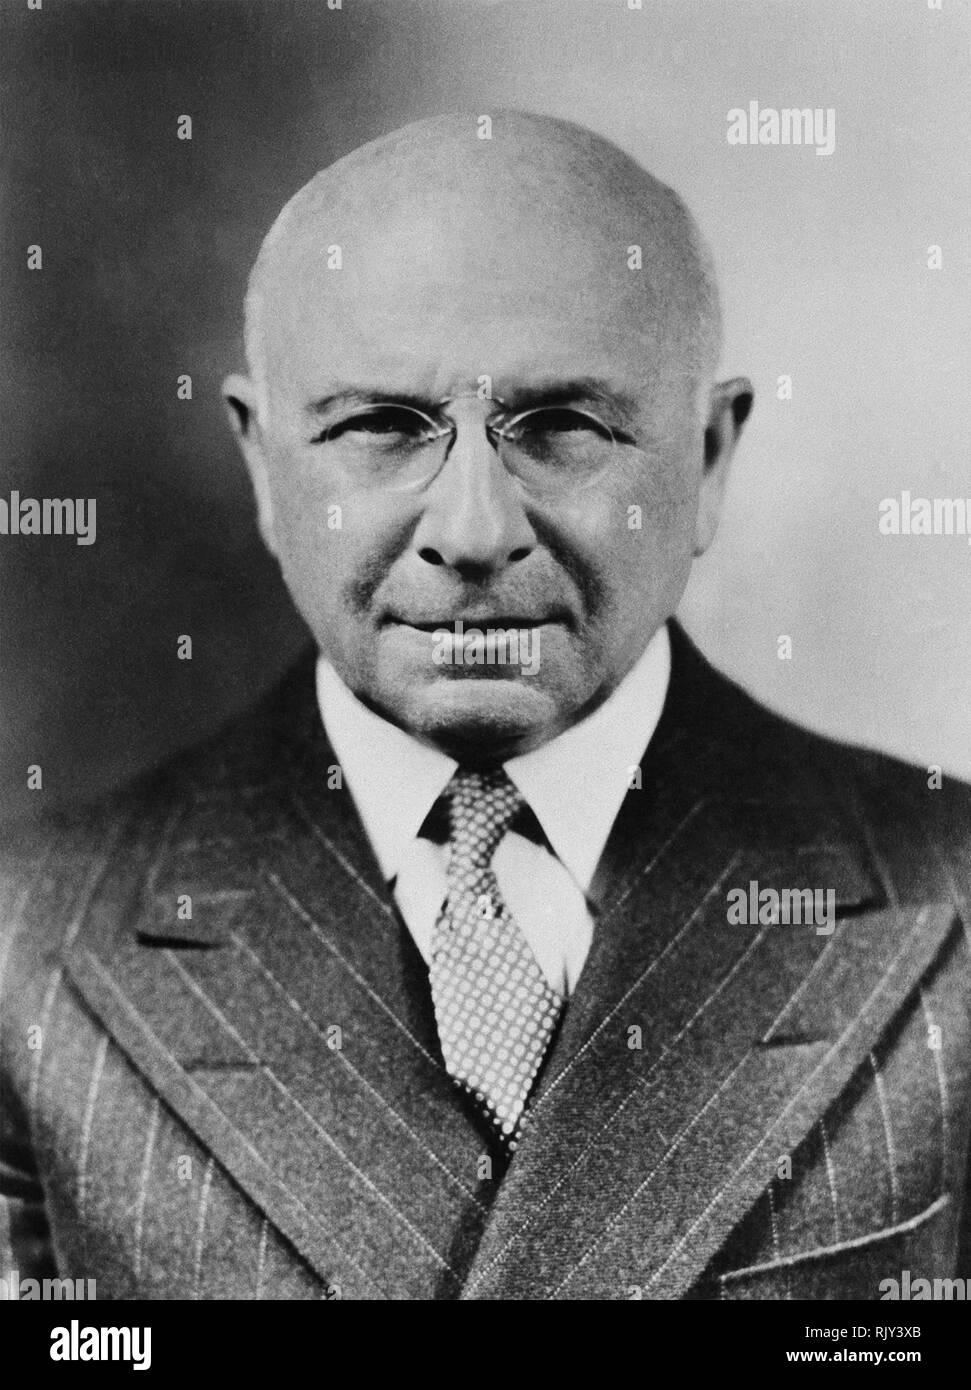 ALEXIS CARREL (1873-1944) chirurgien et biologiste français Photo Stock